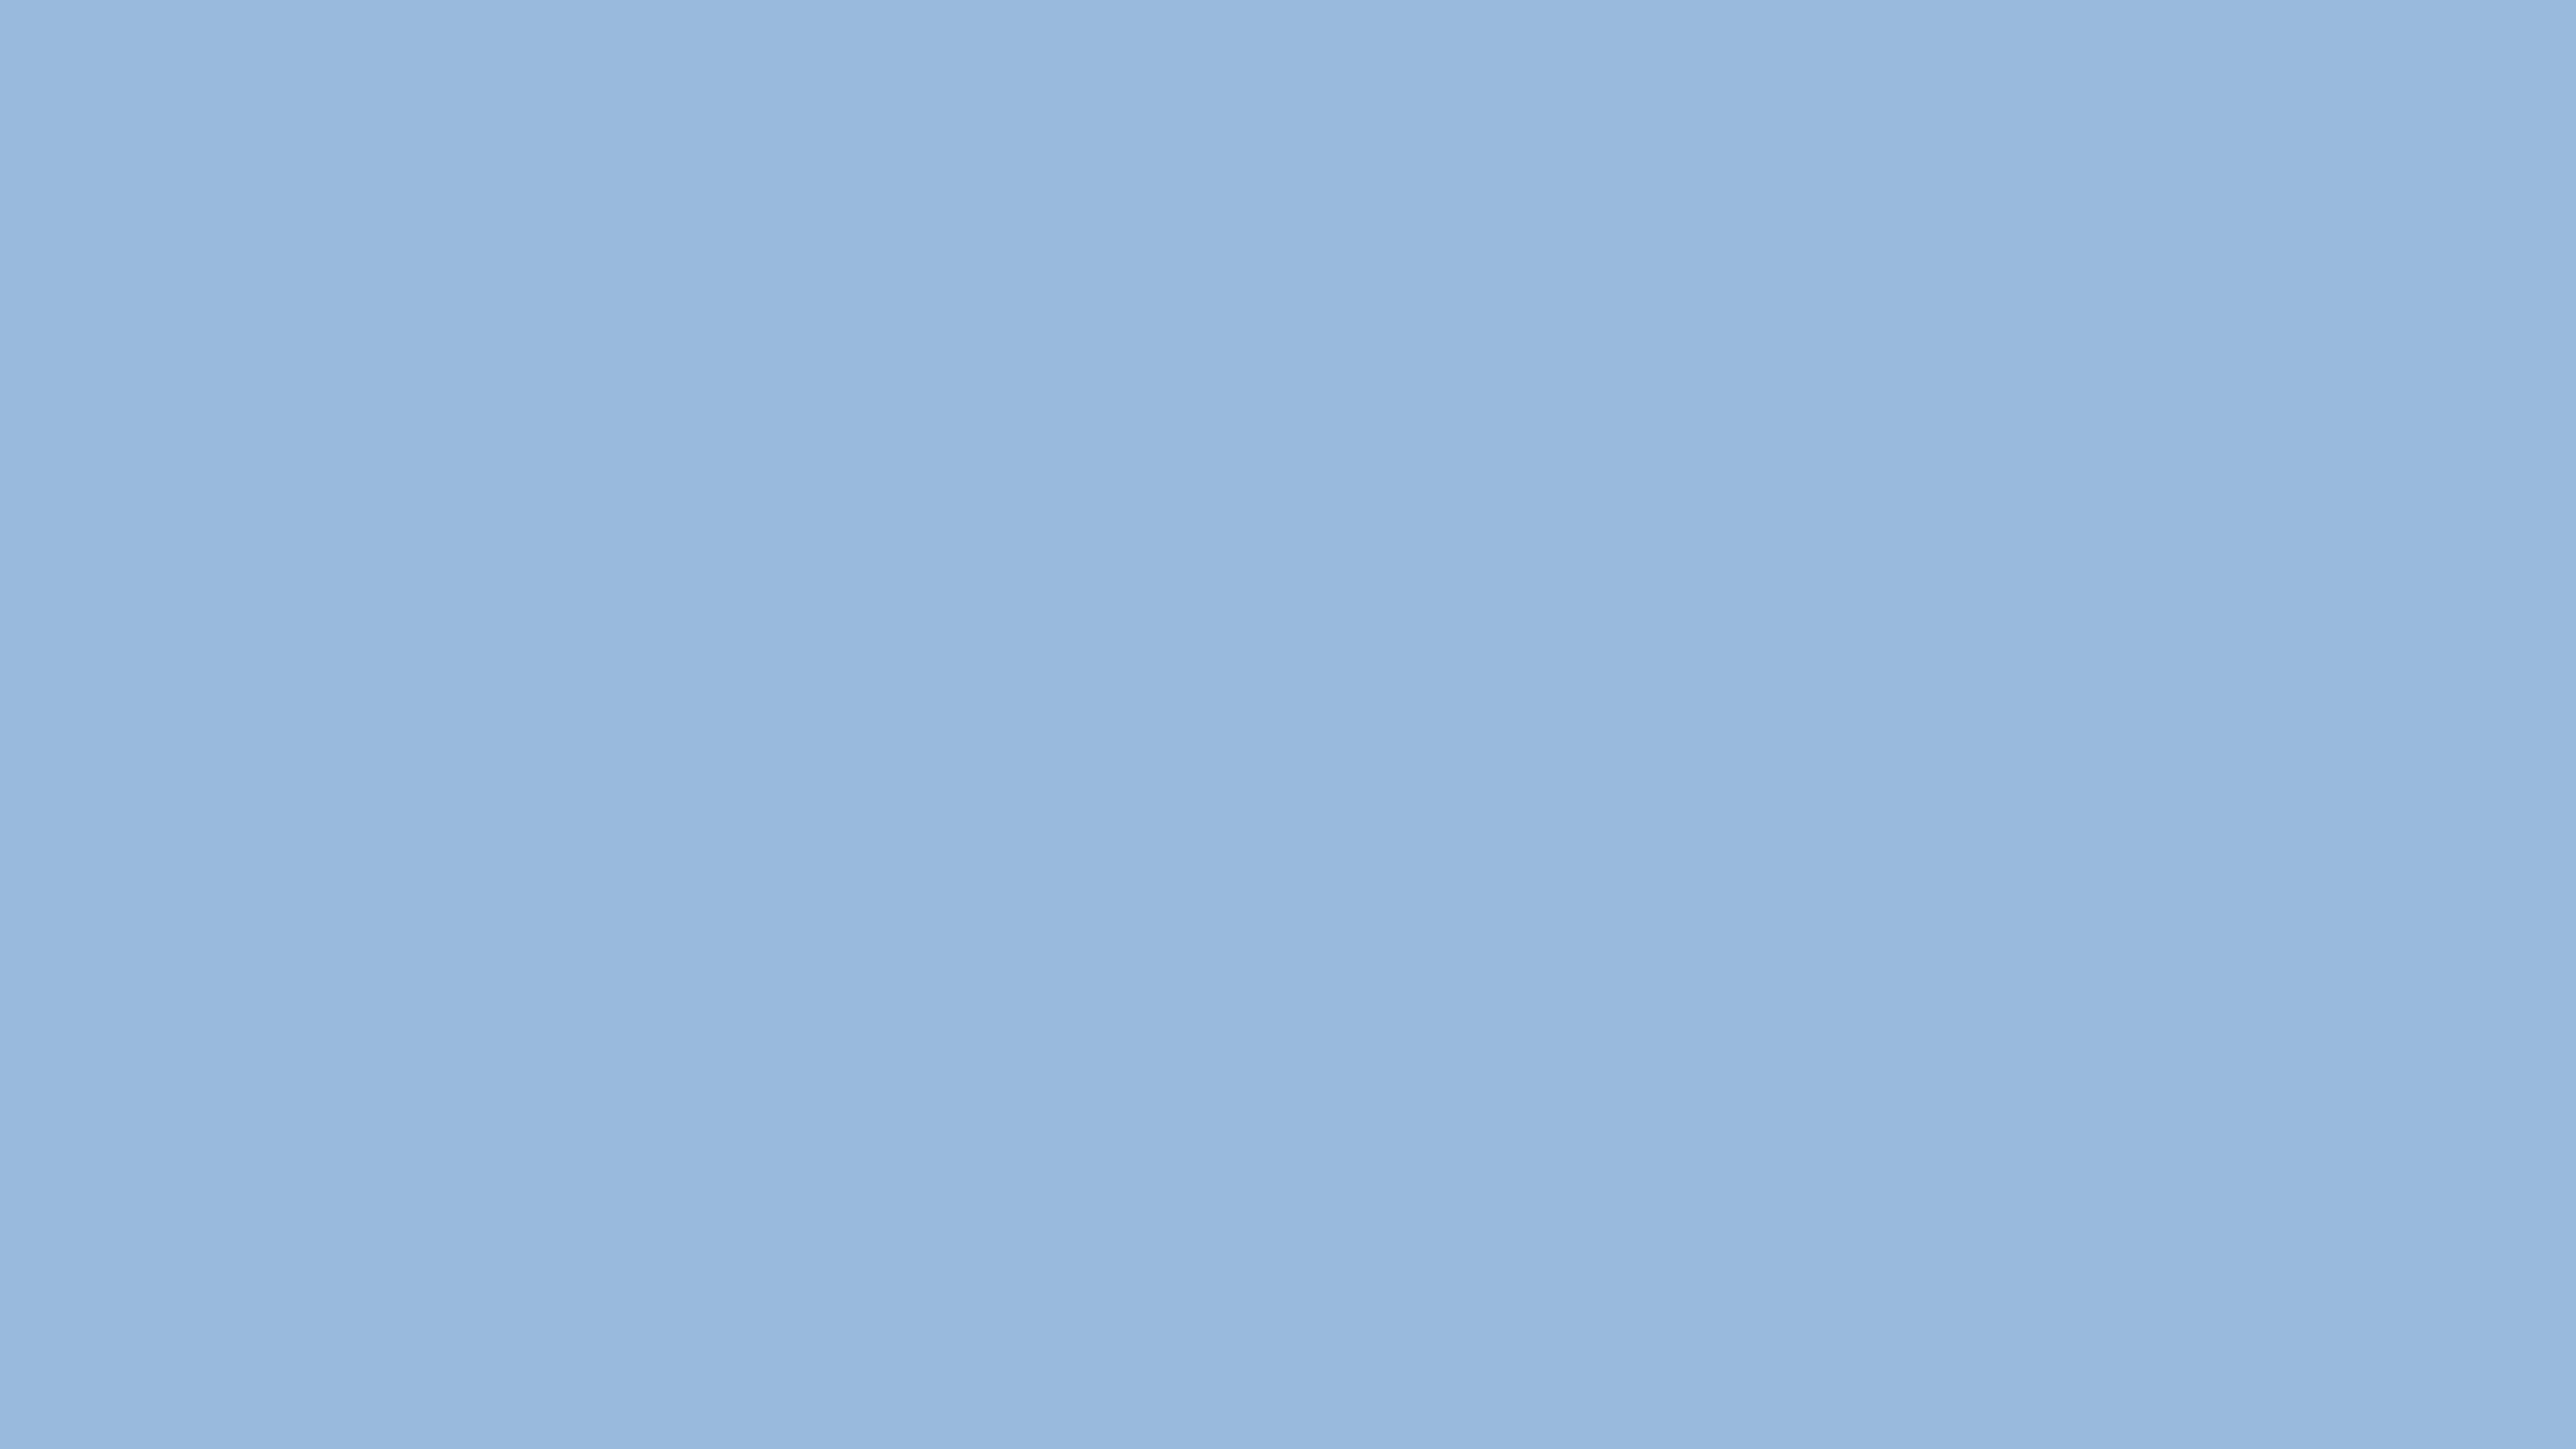 3840x2160 Carolina Blue Solid Color Background